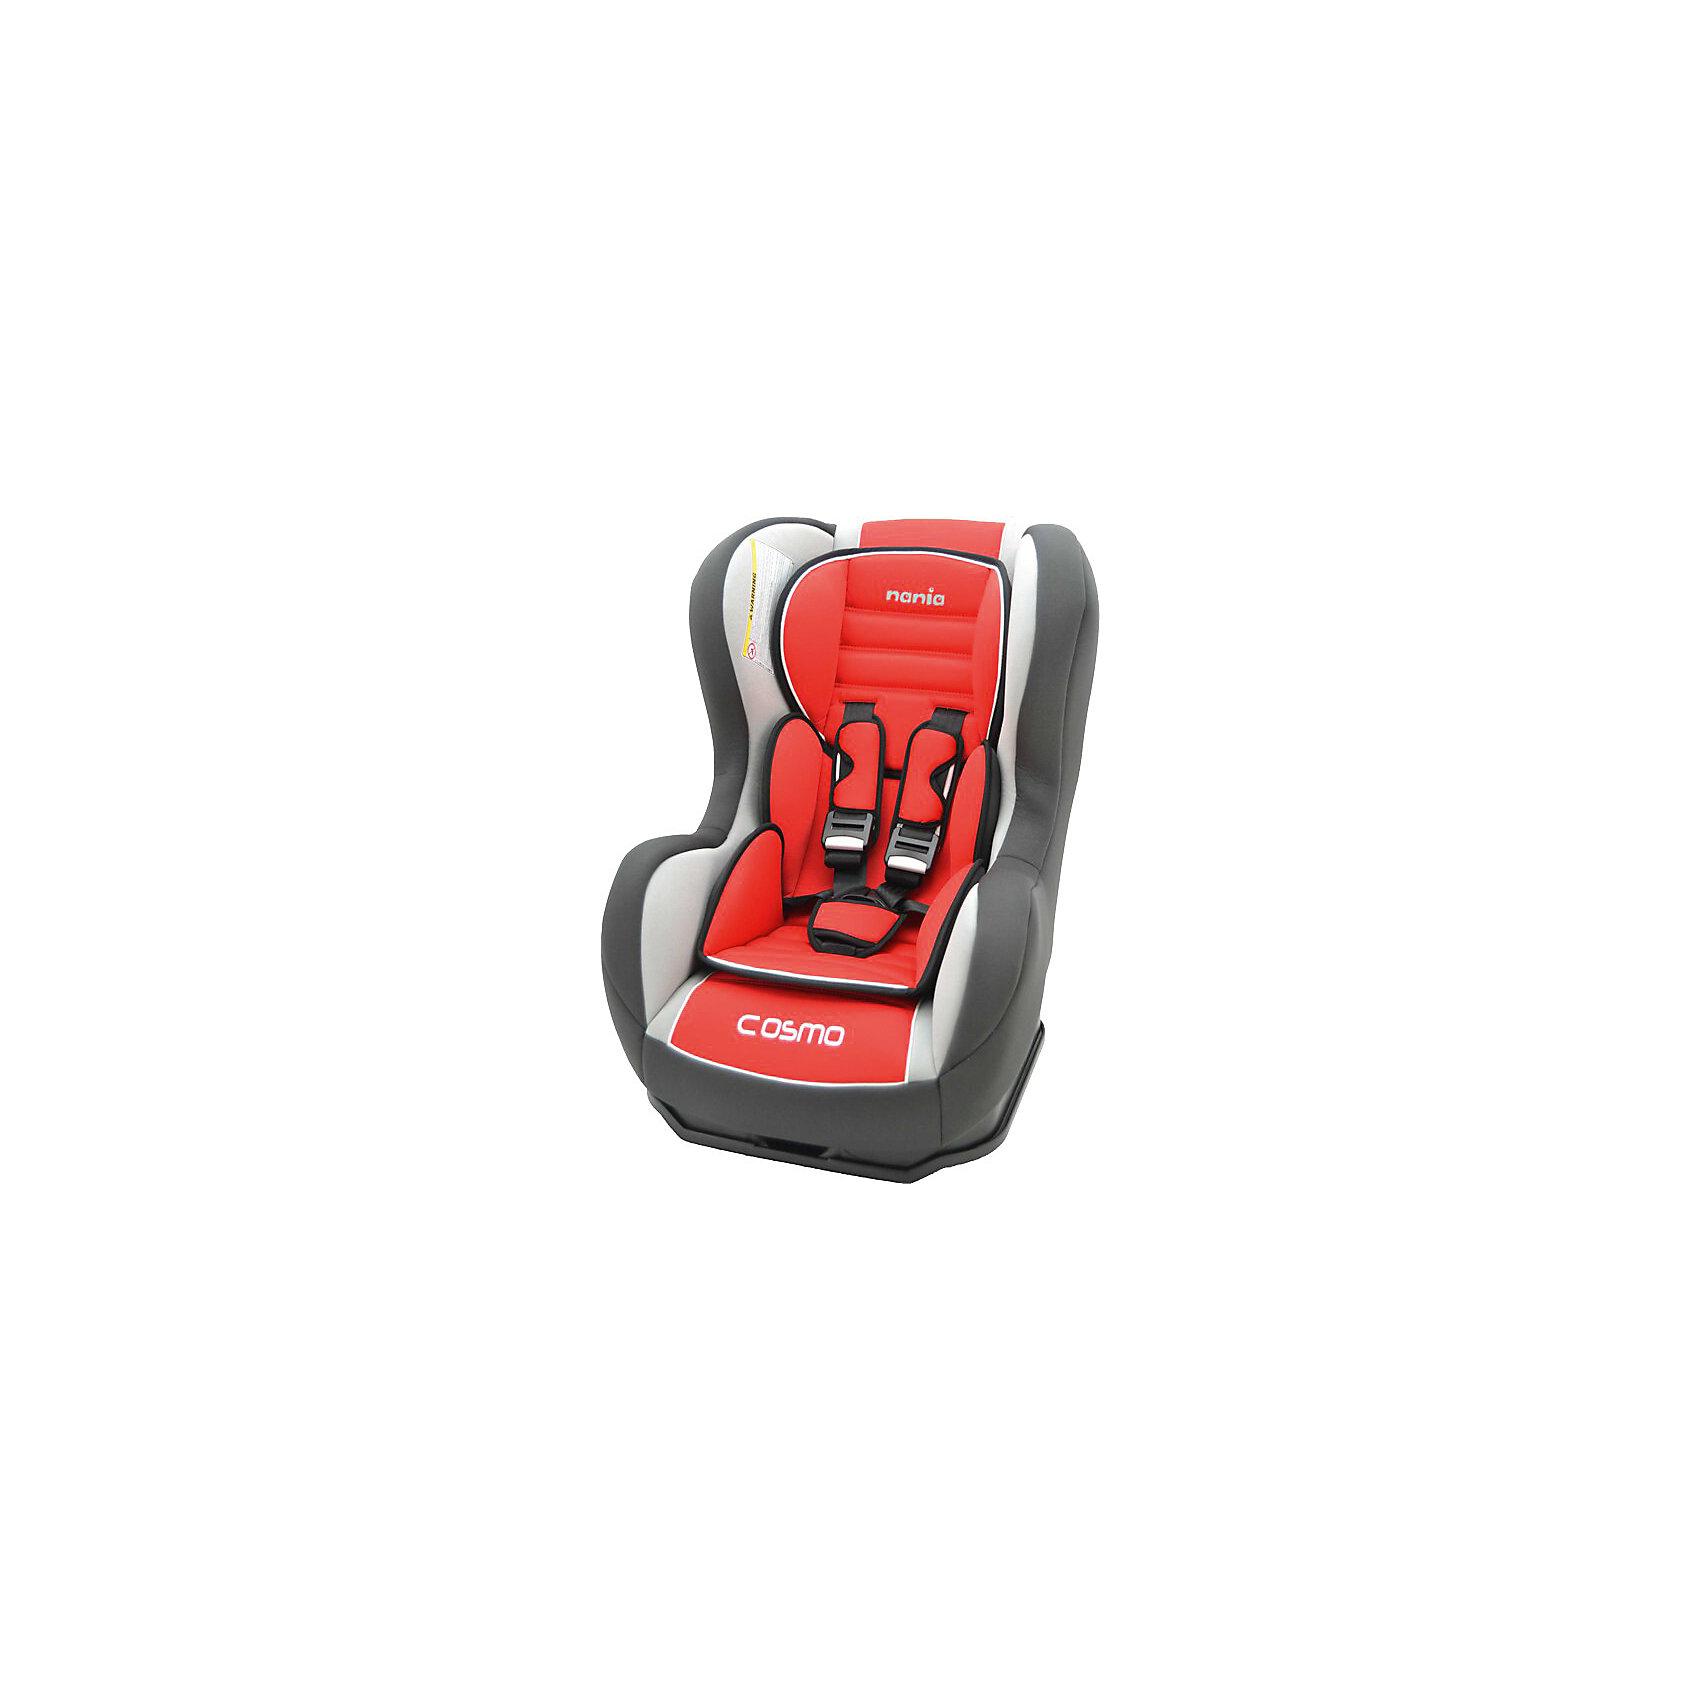 Автокресло Cosmo SP LX 0-18 кг., Nania, agora carminХарактеристики Nania Cosmo SP LX:<br><br>• группа 0+/1;<br>• вес ребенка: до 18 кг;<br>• возраст ребенка: от рождения до 4-х лет;<br>• способ установки: против хода (до 9 кг) и по ходу движения автомобиля (9-18кг);<br>• способ крепления: штатными ремнями безопасности автомобиля;<br>• 5-ти точечные ремни безопасности с мягкими накладками;<br>• угол наклона спинки регулируется: 5 положений, положение для сна;<br>• анатомический вкладыш для новорожденного, подголовник;<br>• дополнительная защита от боковых ударов, система SP (side protection);<br>• съемные чехлы, стирка при температуре 30 градусов;<br>• материал: пластик, полиэстер;<br>• стандарт безопасности: ЕСЕ R44/03.<br><br>Размер автокресла: 50x45x60 см<br>Размер сиденья: 33х31 см<br>Высота спинки: 55 см<br>Вес автокресла: 5,7 кг<br><br>Автокресло Nania Cosmo SP LX устанавливается как по ходу движения, так и против хода движения автомобиля, как на заднем сиденье автомобиля, так и на переднем сиденье автомобиля (с условием отключения подушки безопасности). Регулируемая спинка дает возможность малышу занять удобное положение, как во время сна, так и во время бодрствования. Автокресло соответствует всем стандартам безопасности. <br><br>Автокресло Cosmo SP LX 0-18 кг., Nania, agora carmin можно купить в нашем интернет-магазине.<br><br>Ширина мм: 660<br>Глубина мм: 455<br>Высота мм: 805<br>Вес г: 14910<br>Возраст от месяцев: 0<br>Возраст до месяцев: 48<br>Пол: Унисекс<br>Возраст: Детский<br>SKU: 3756333